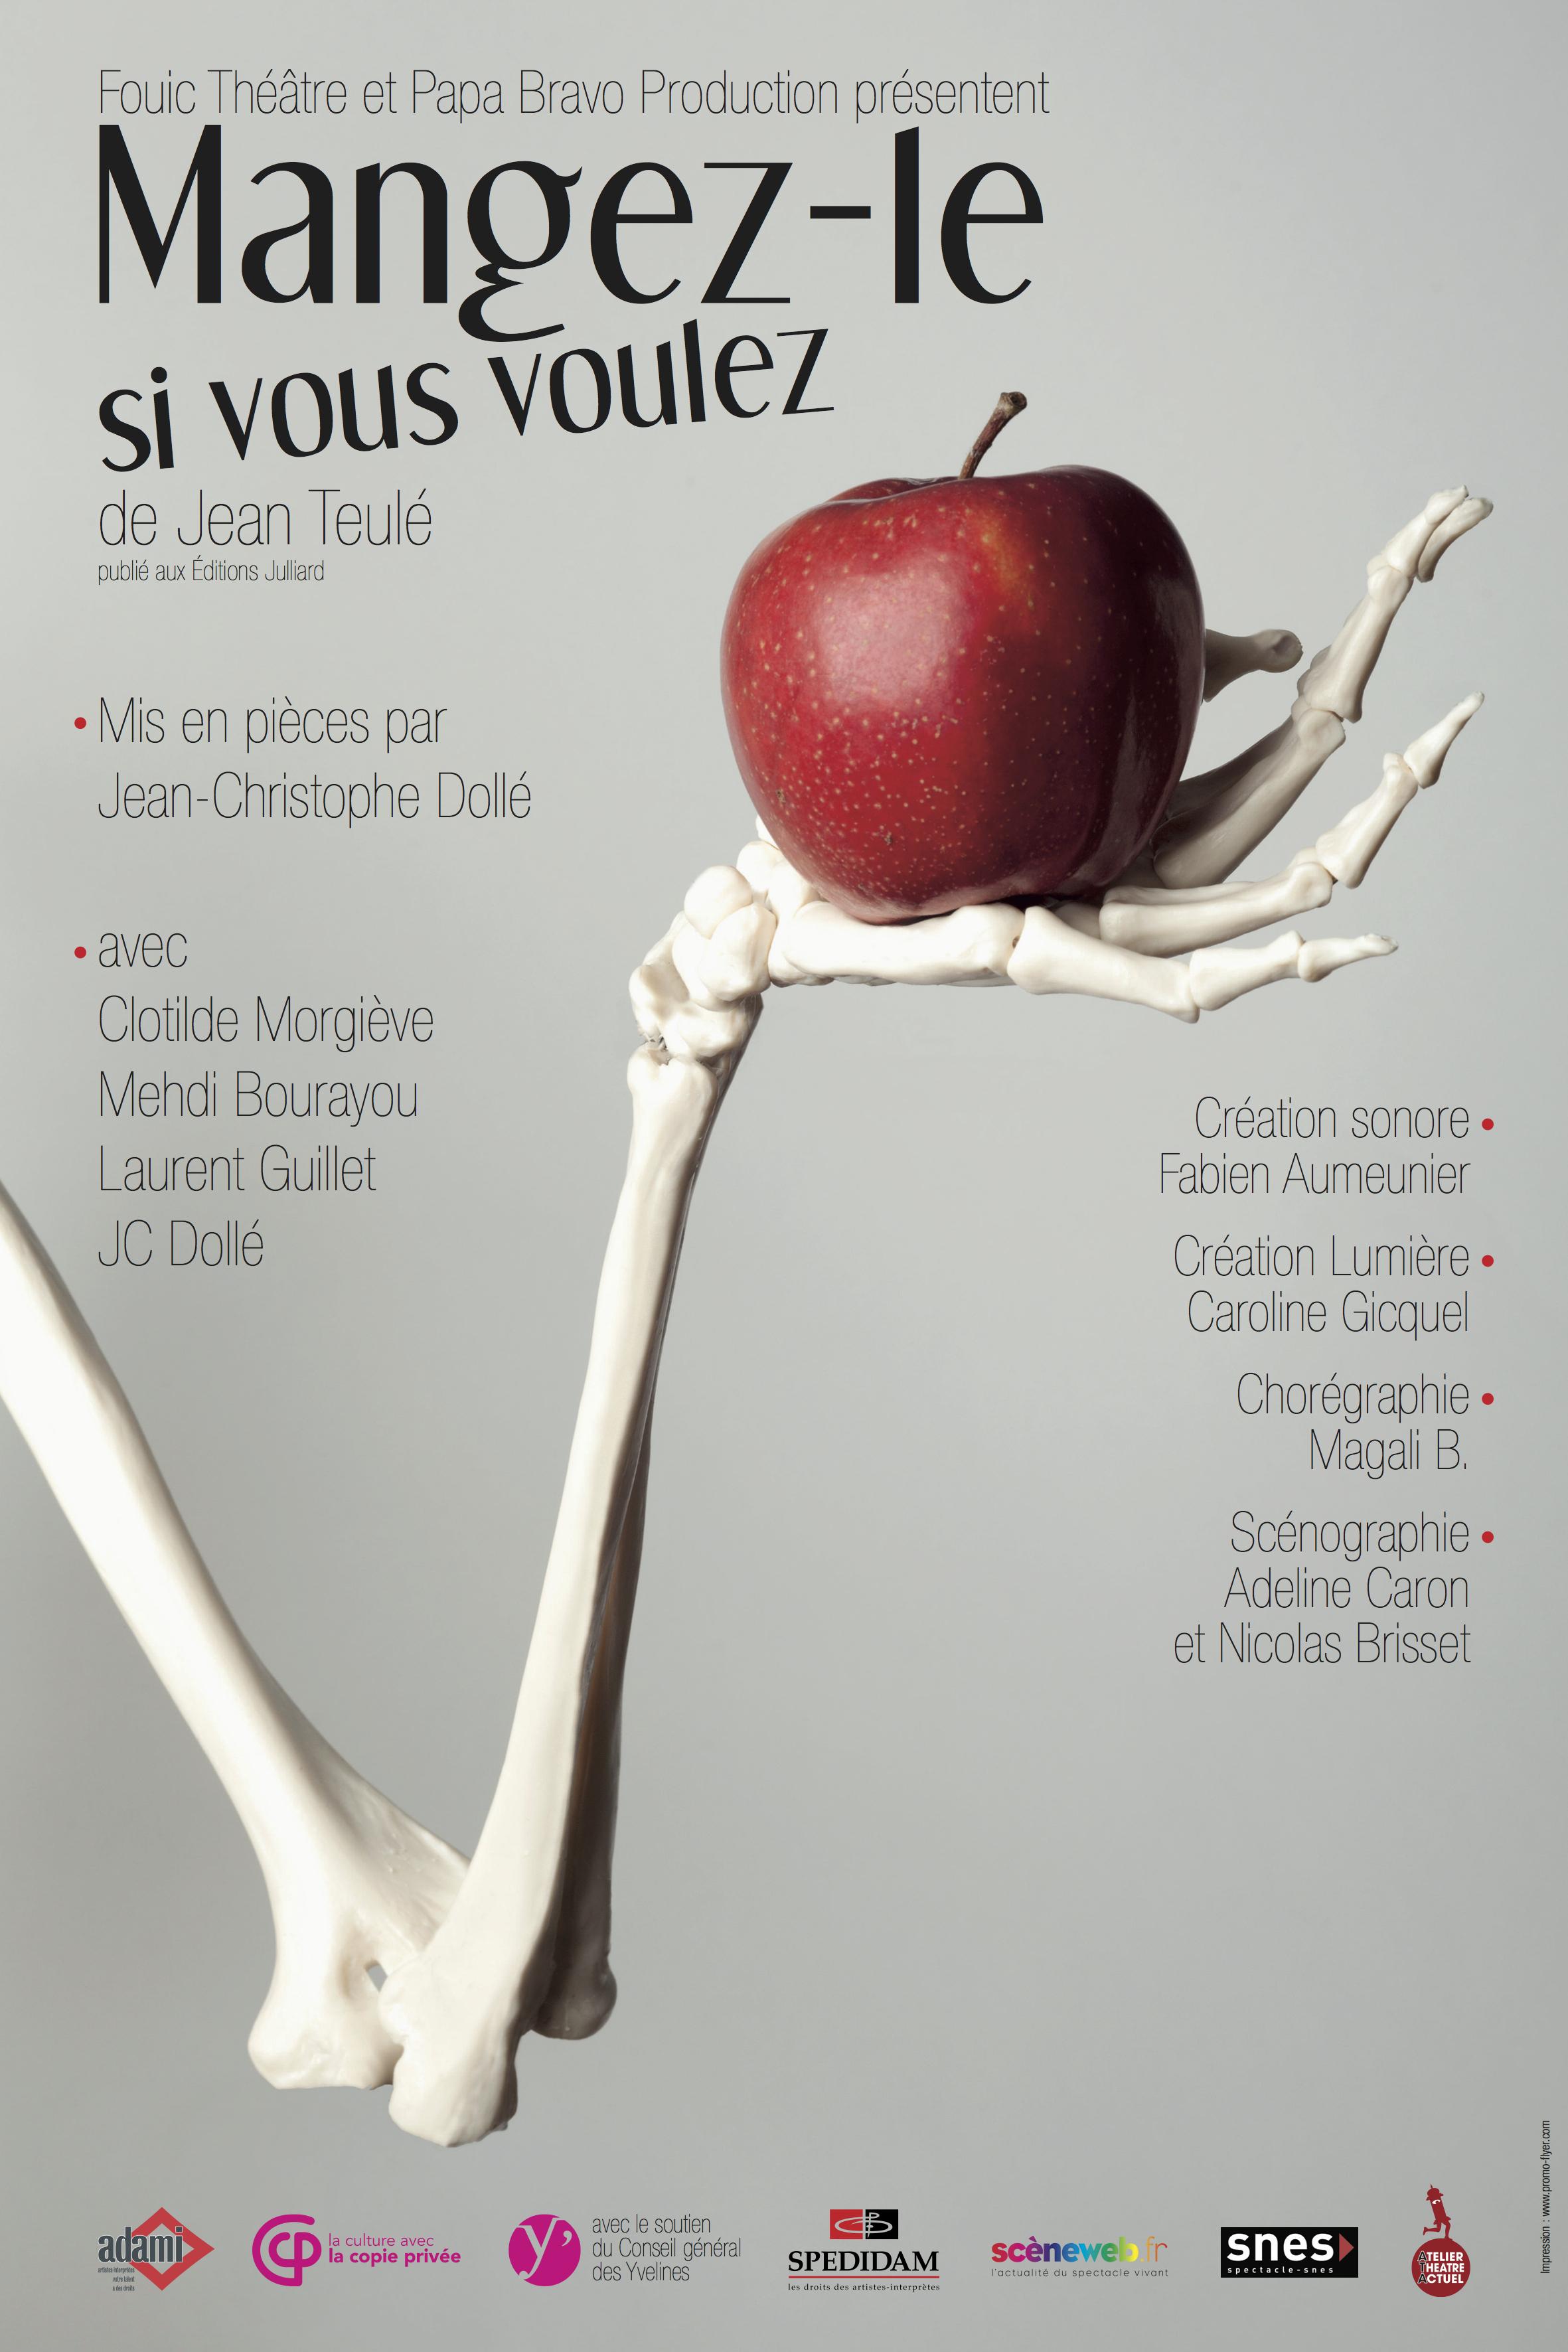 Mangez-le Fouic Aff (c) Gérard Flandrin.png